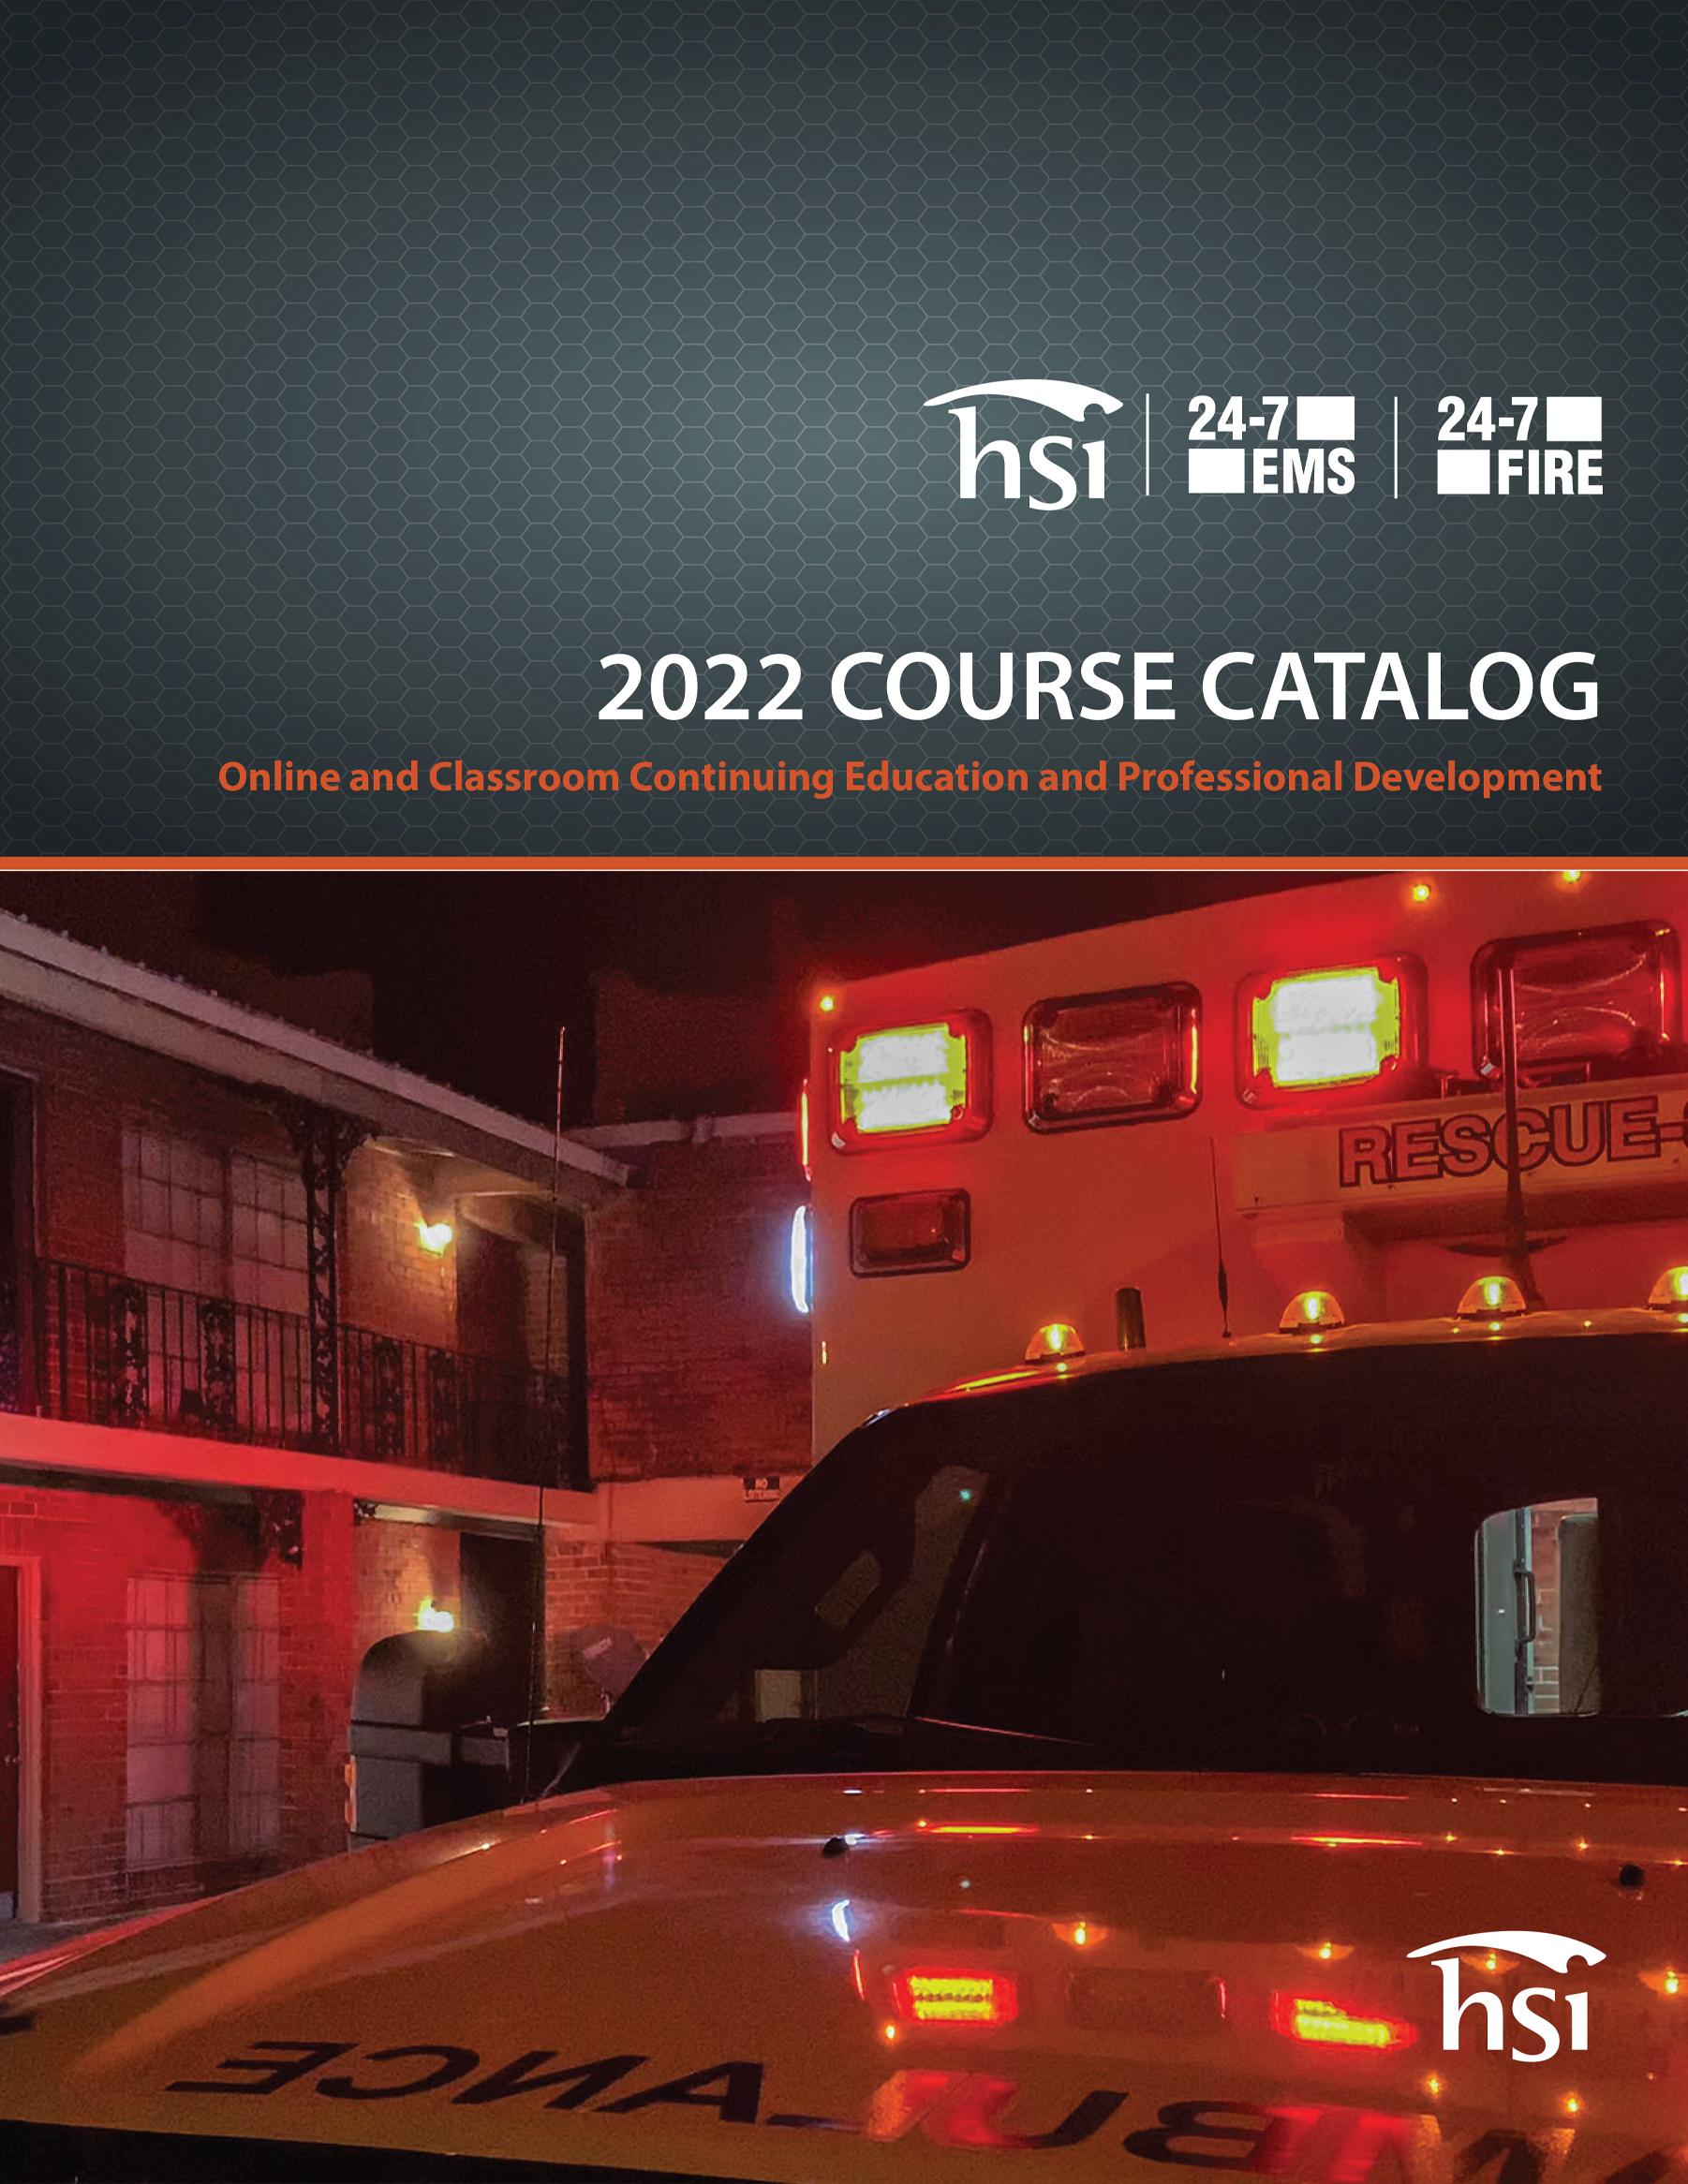 24-7 catalog image